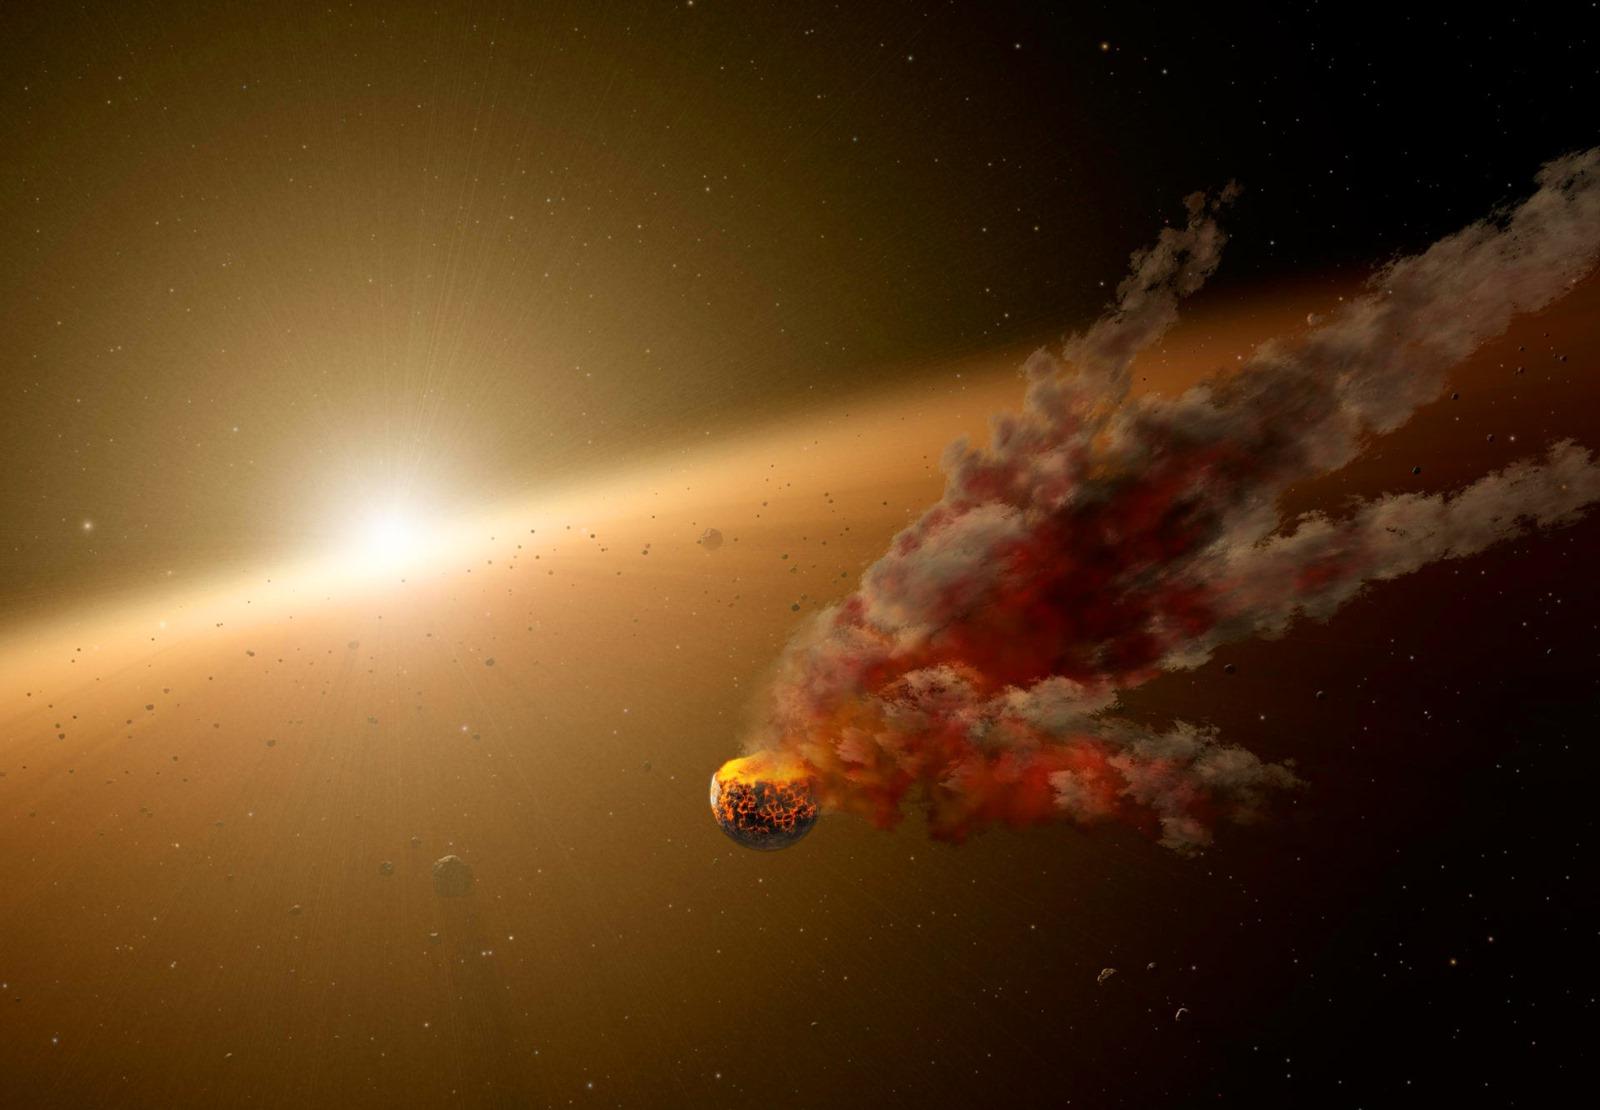 Le mystère entourant l'étoile de Tabby (KIC 8462852) demeure…